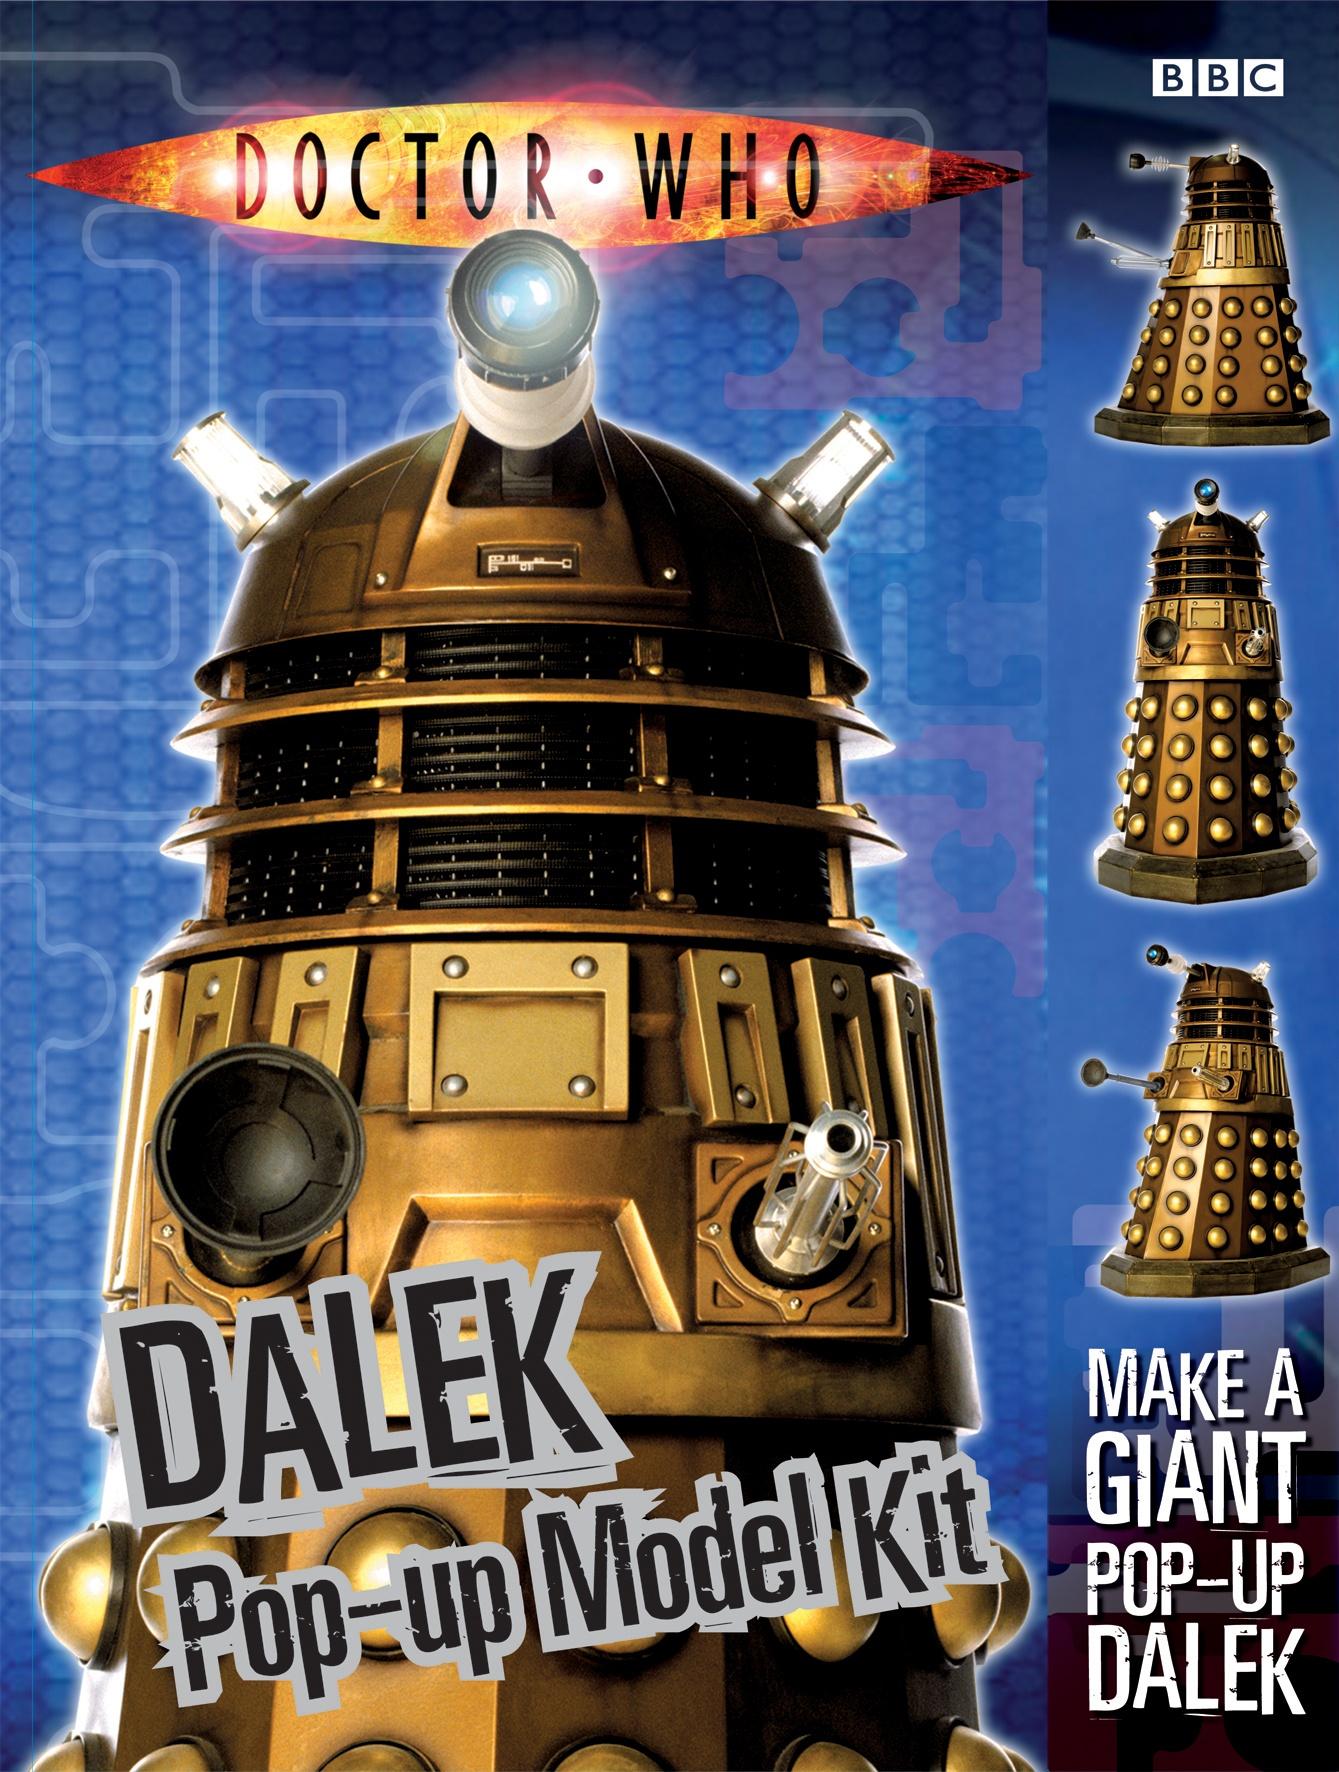 Dalek Pop-up Model Kit